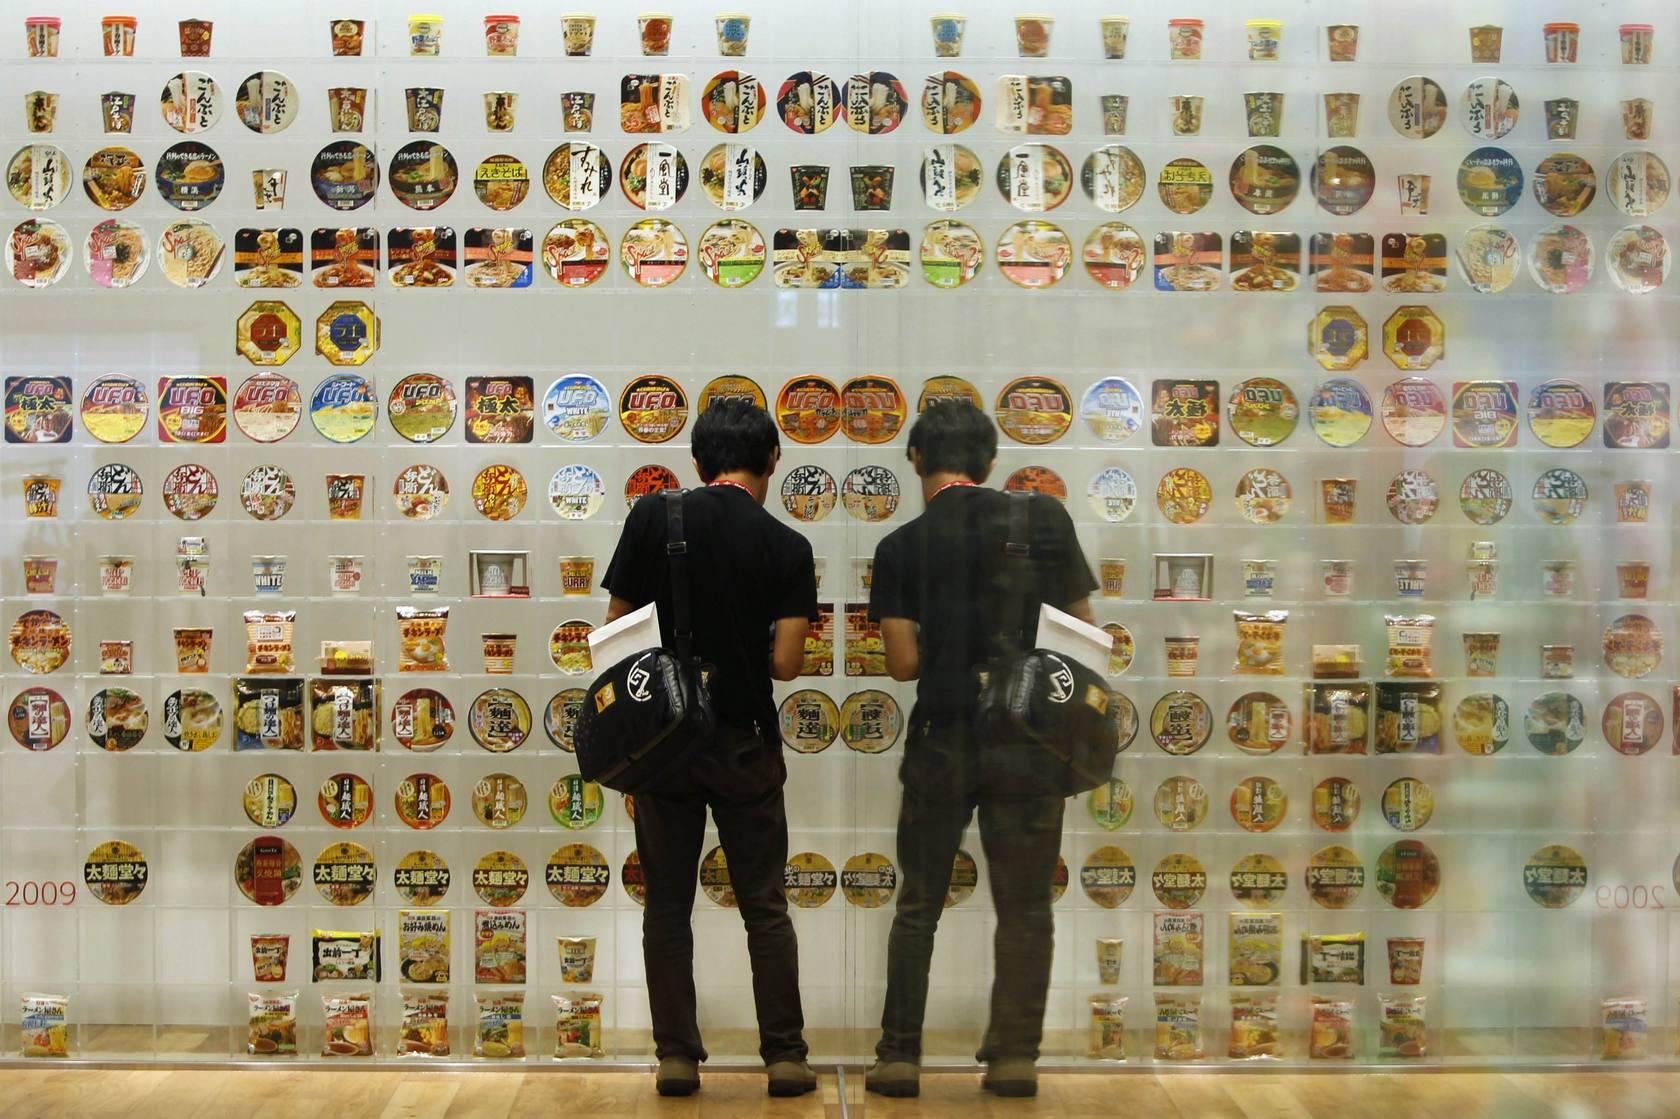 Visitantes en el Museo de los noodles